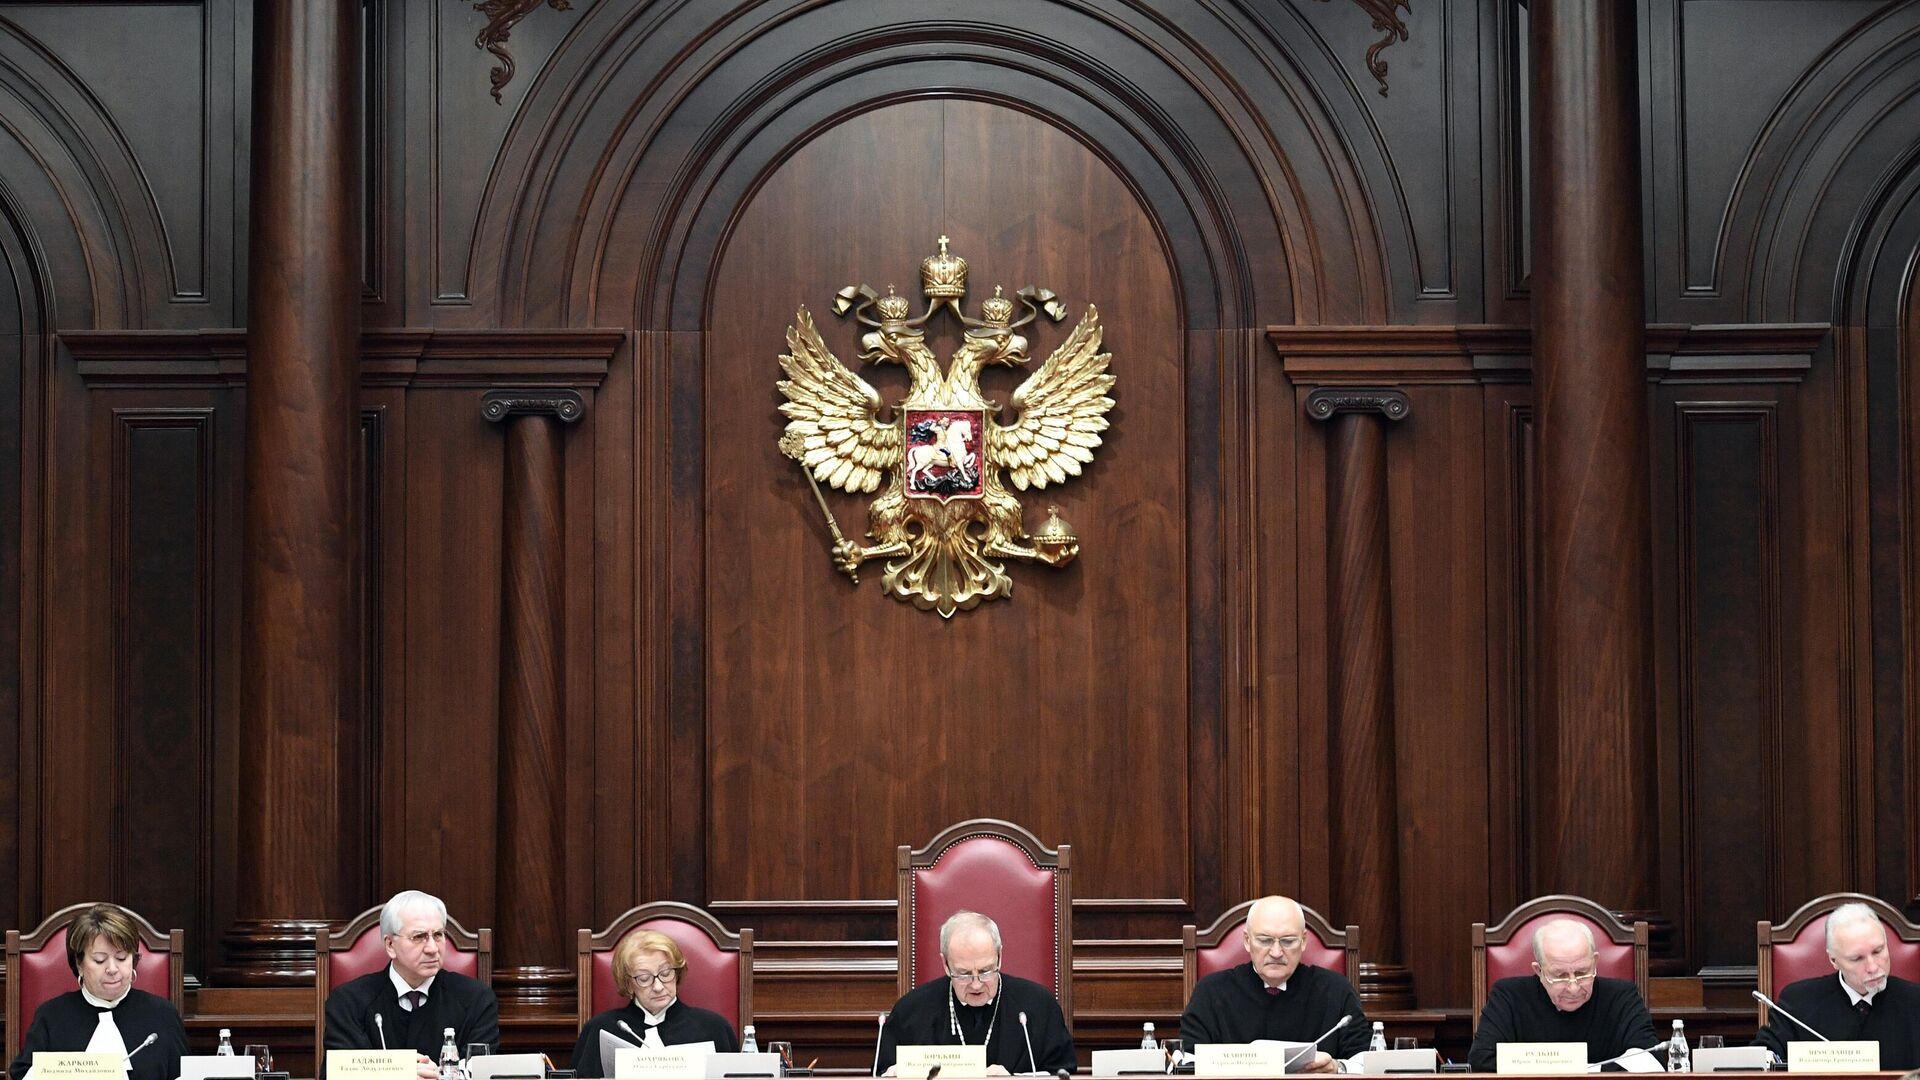 Фракция КПРФ в Госдуме выступила против принятия закона о КС